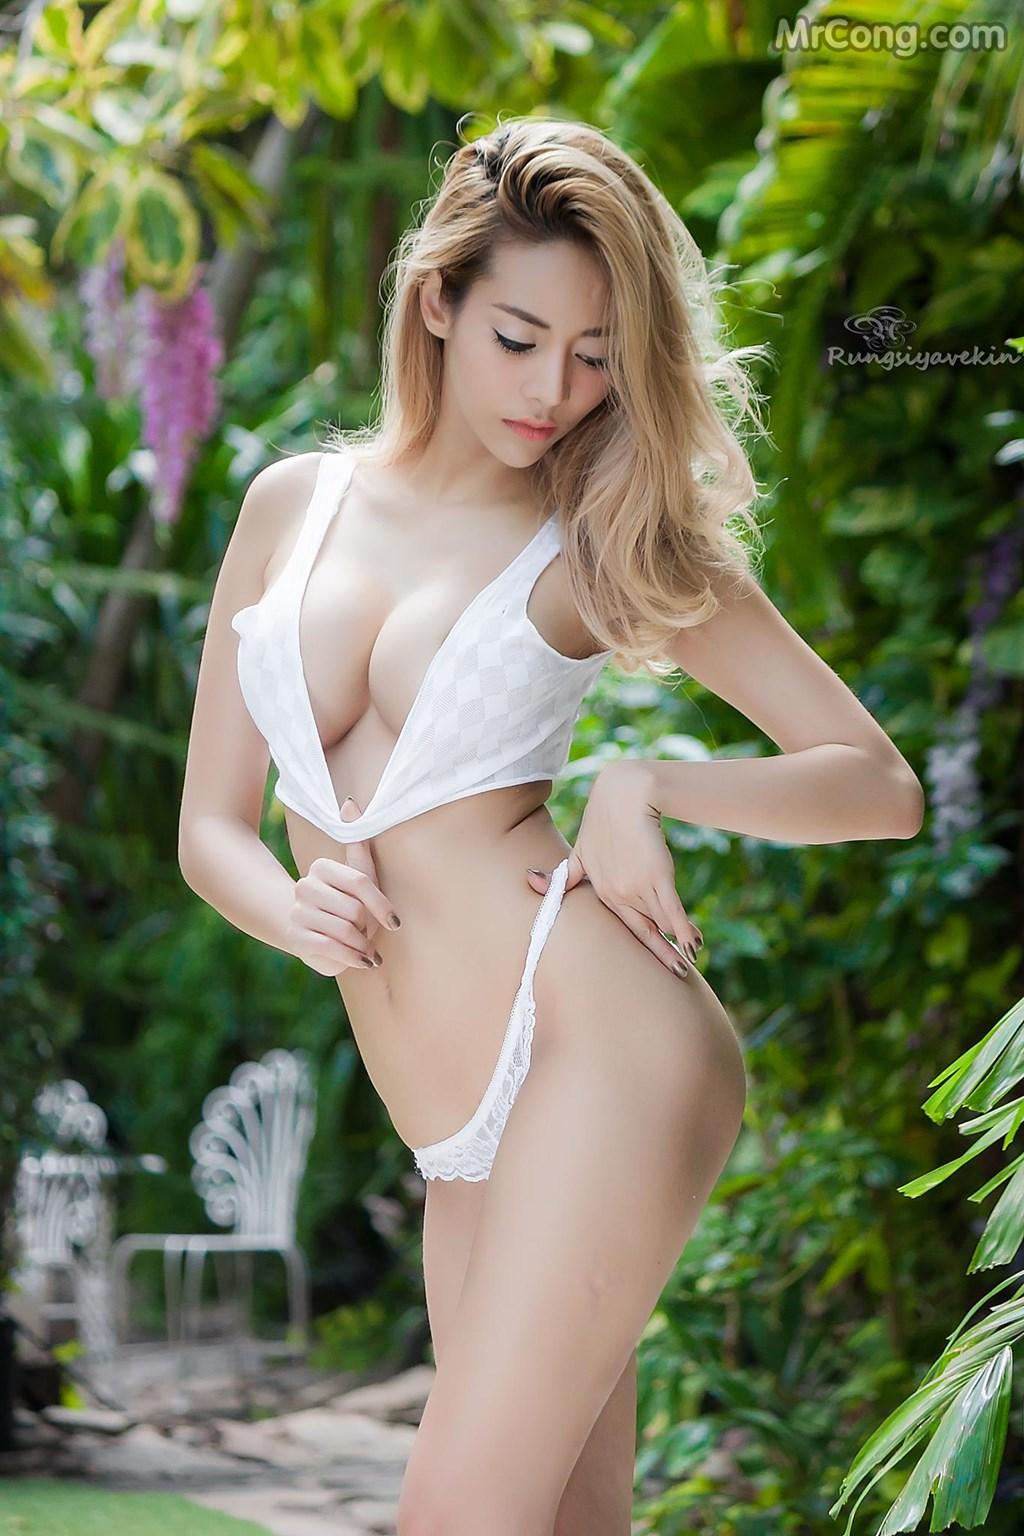 Image Nguoi-mau-Thai-Lan-Jiraporn-Ngamthuan-MrCong.com-007 in post Người đẹp Jiraporn Ngamthuan nóng bỏng tạo dáng với trang phục biển mát rượi (28 ảnh)